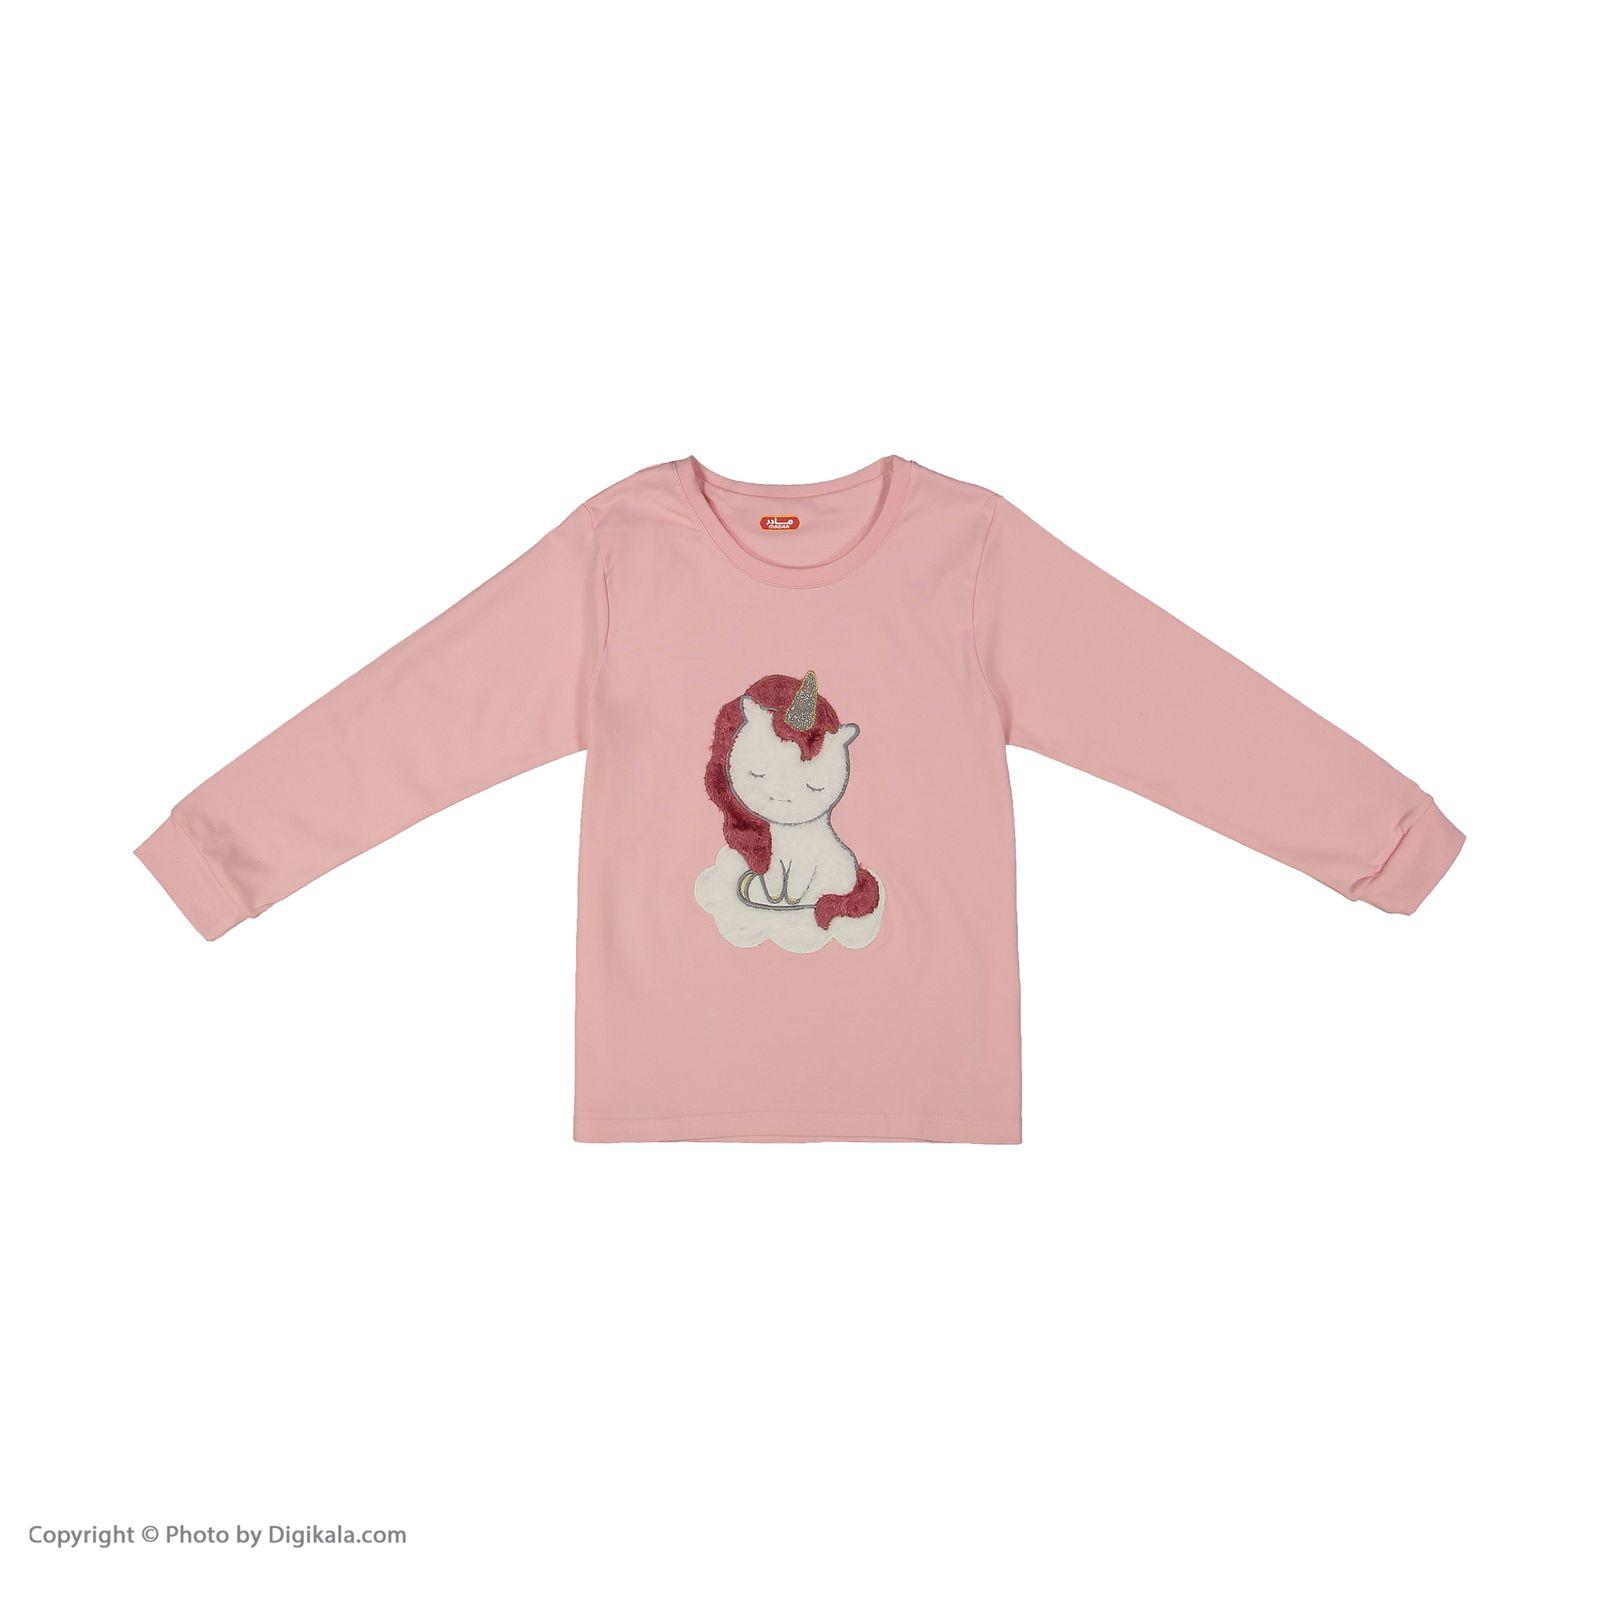 ست تی شرت و شلوار دخترانه مادر مدل 303-84 main 1 4